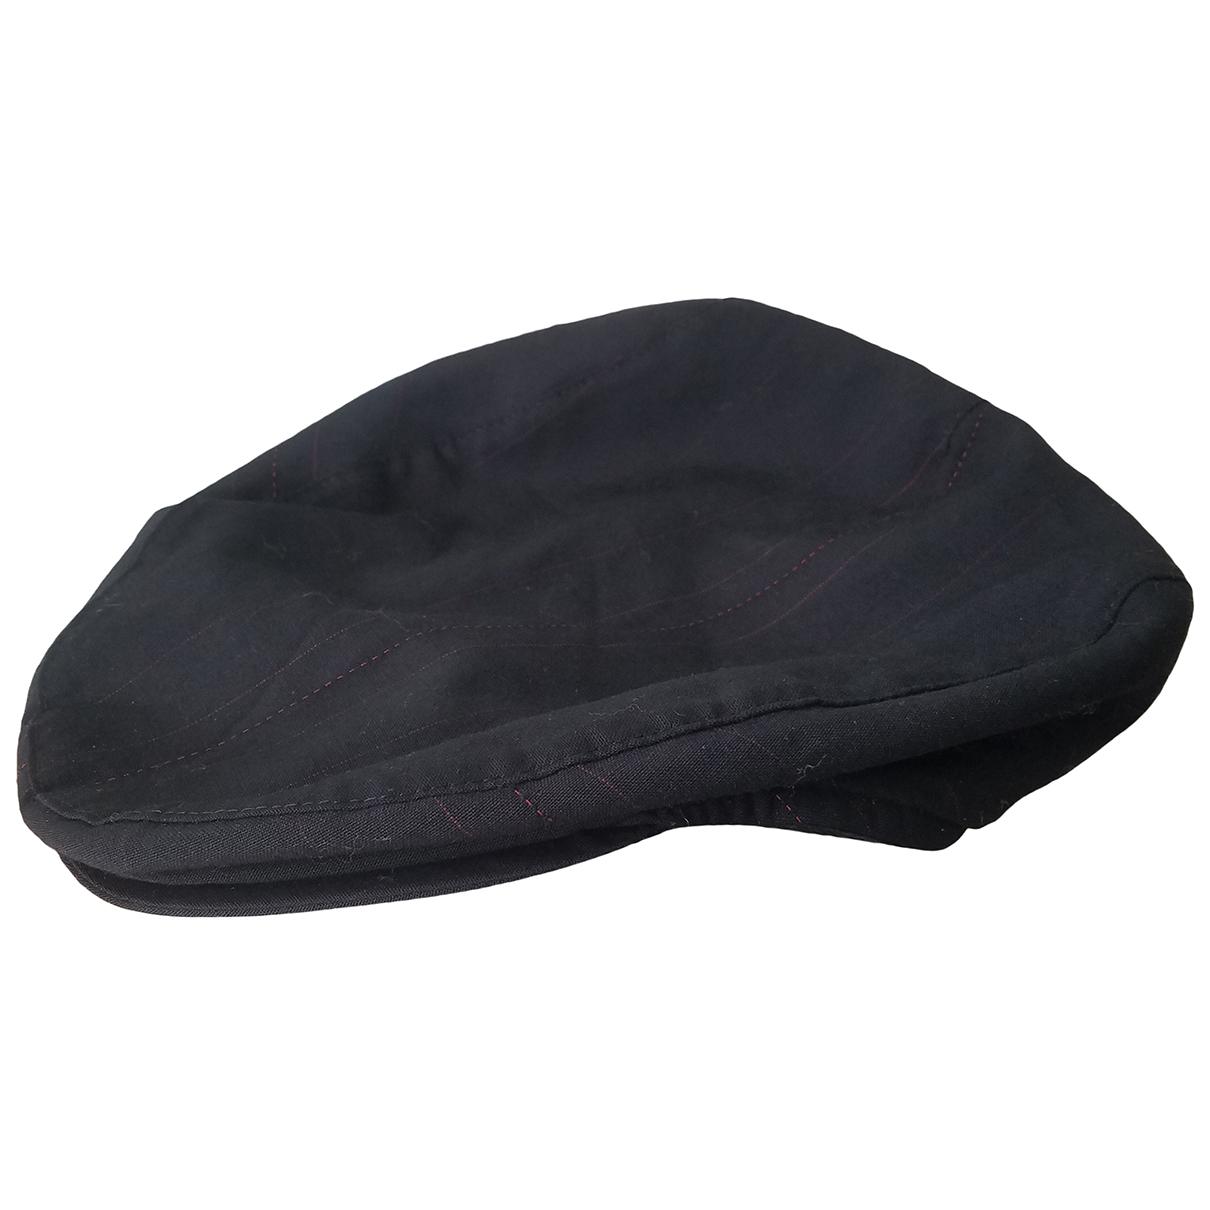 D&g - Chapeau & Bonnets   pour homme en laine - noir